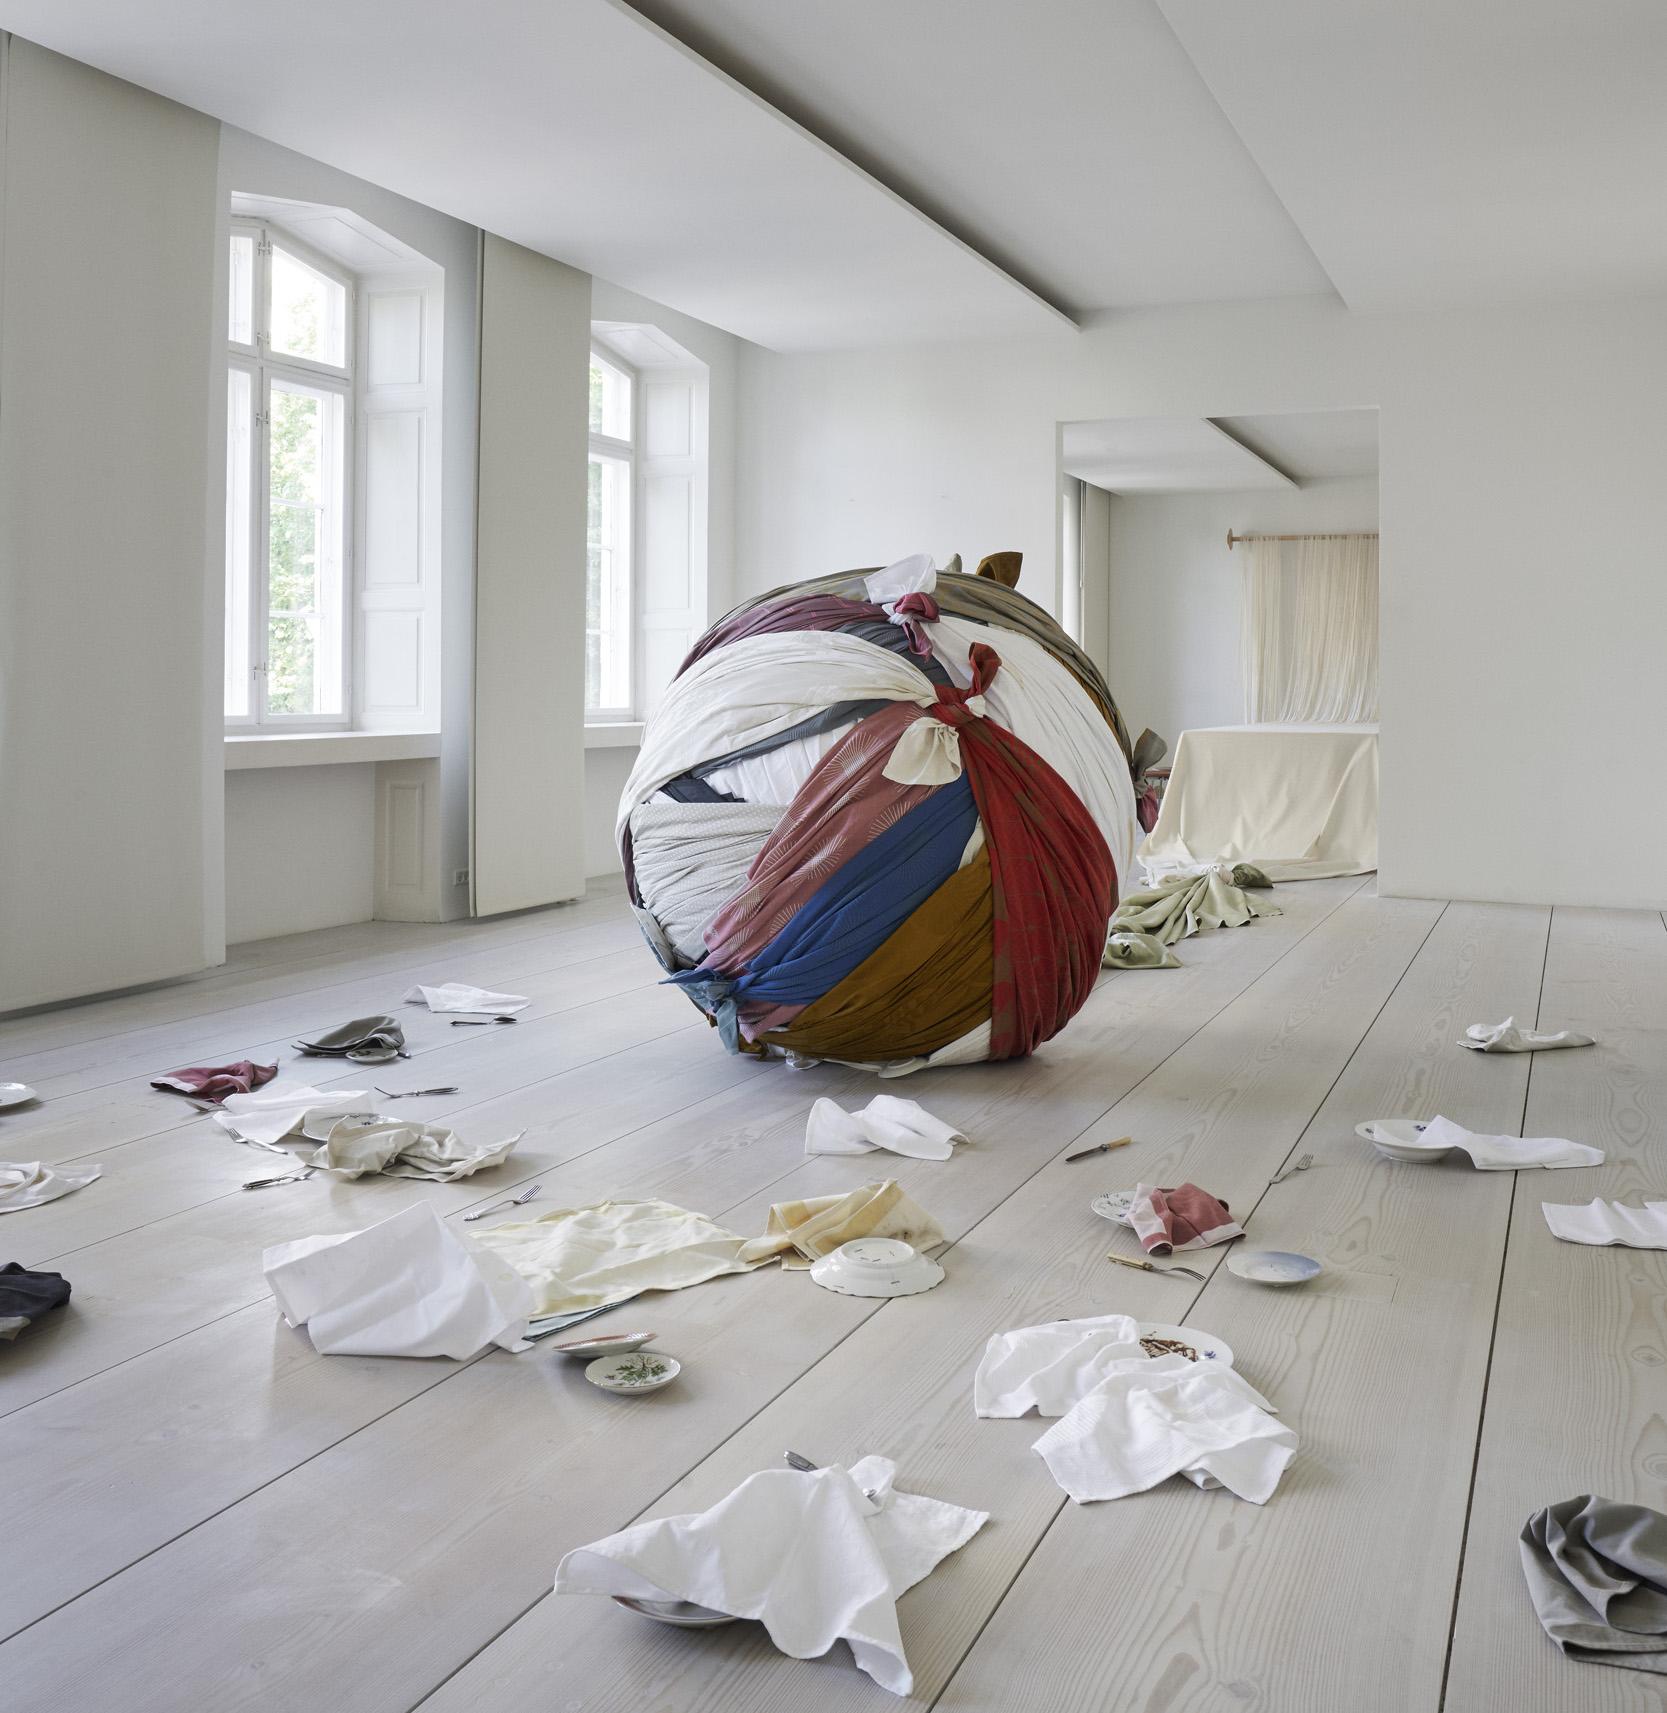 HJEM (Home), Anouska Hempel Apartment, Copenhagen, 2016